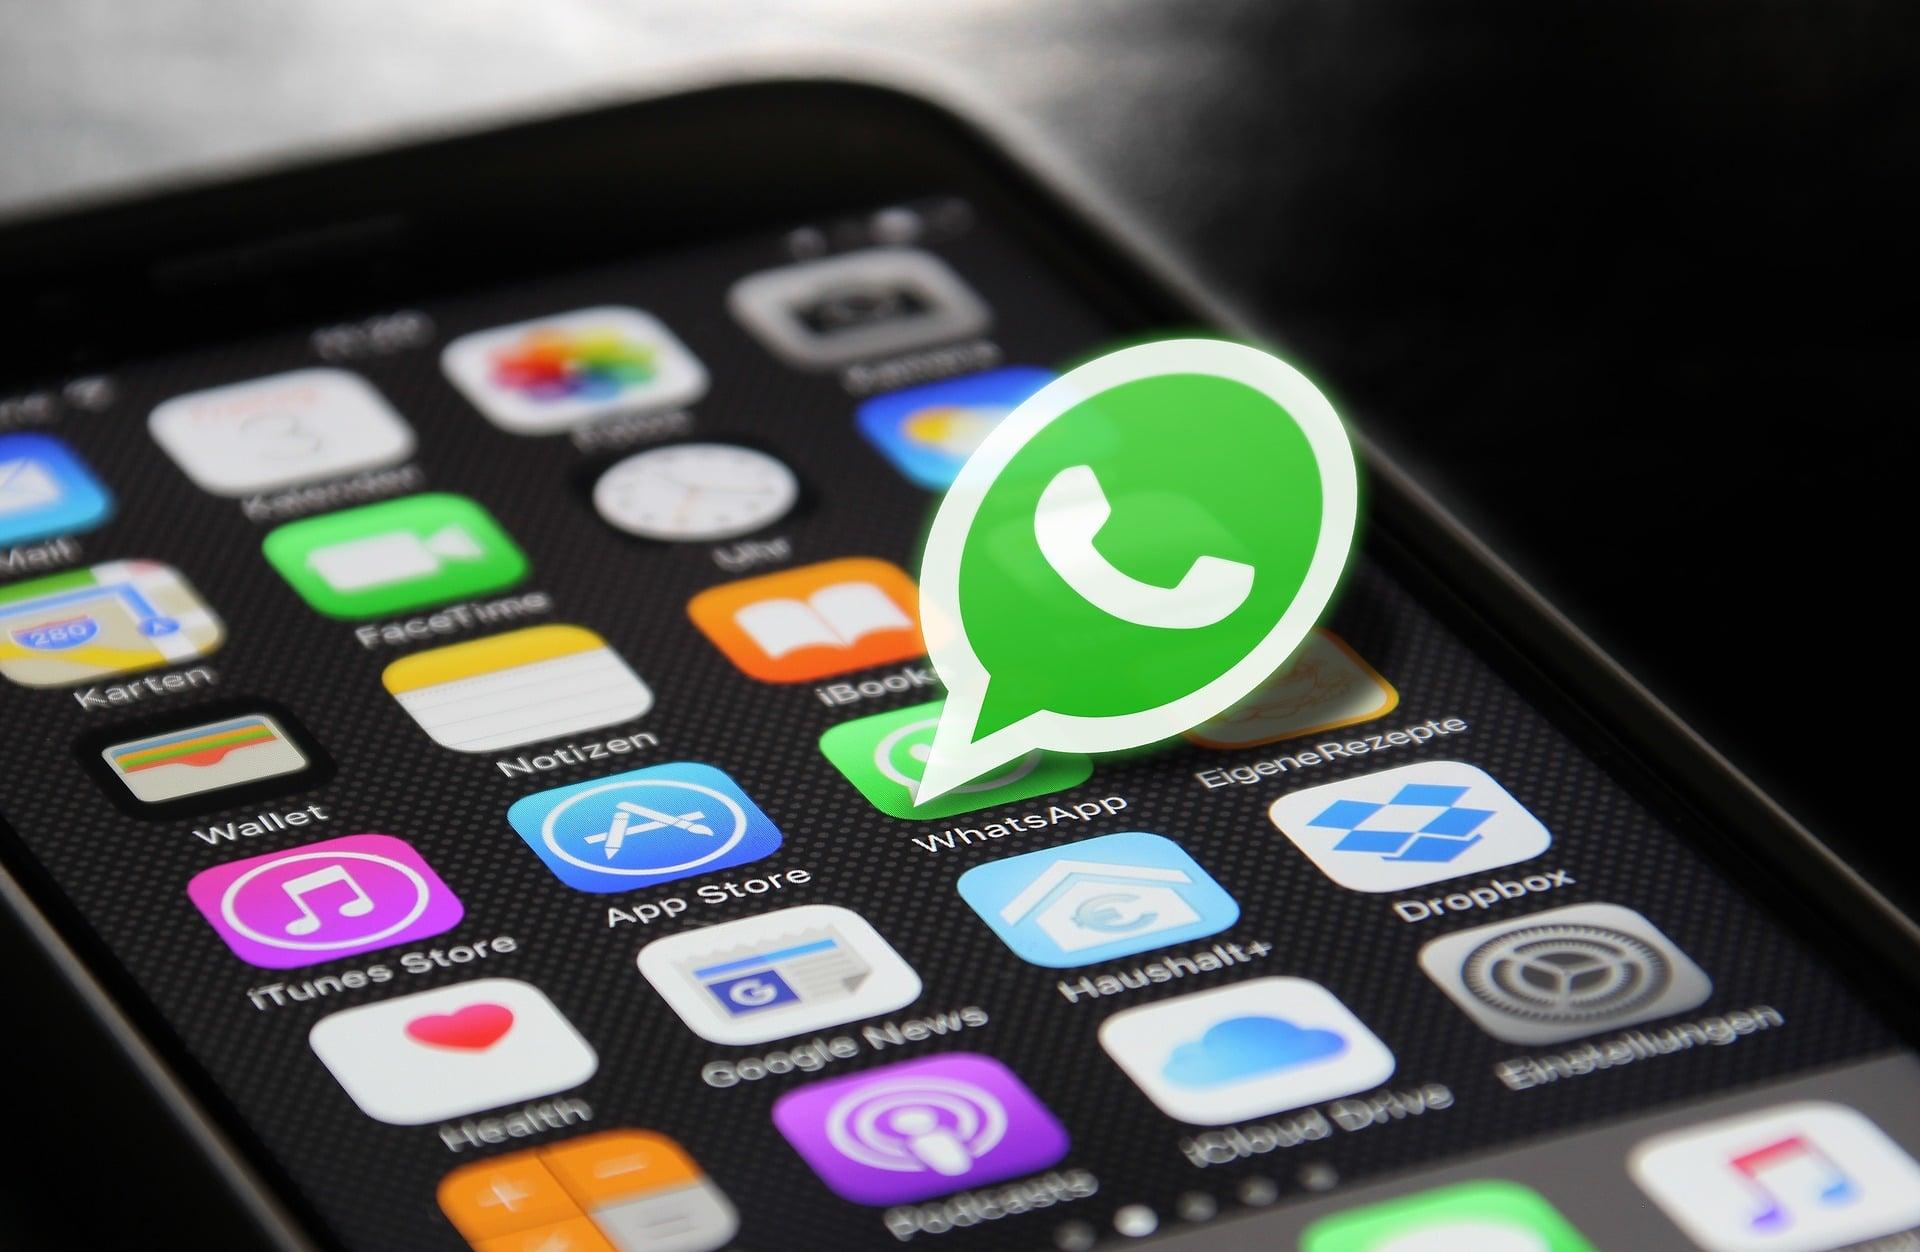 Wkrótce ustawisz wspólny status dla WhatsAppa i Facebooka